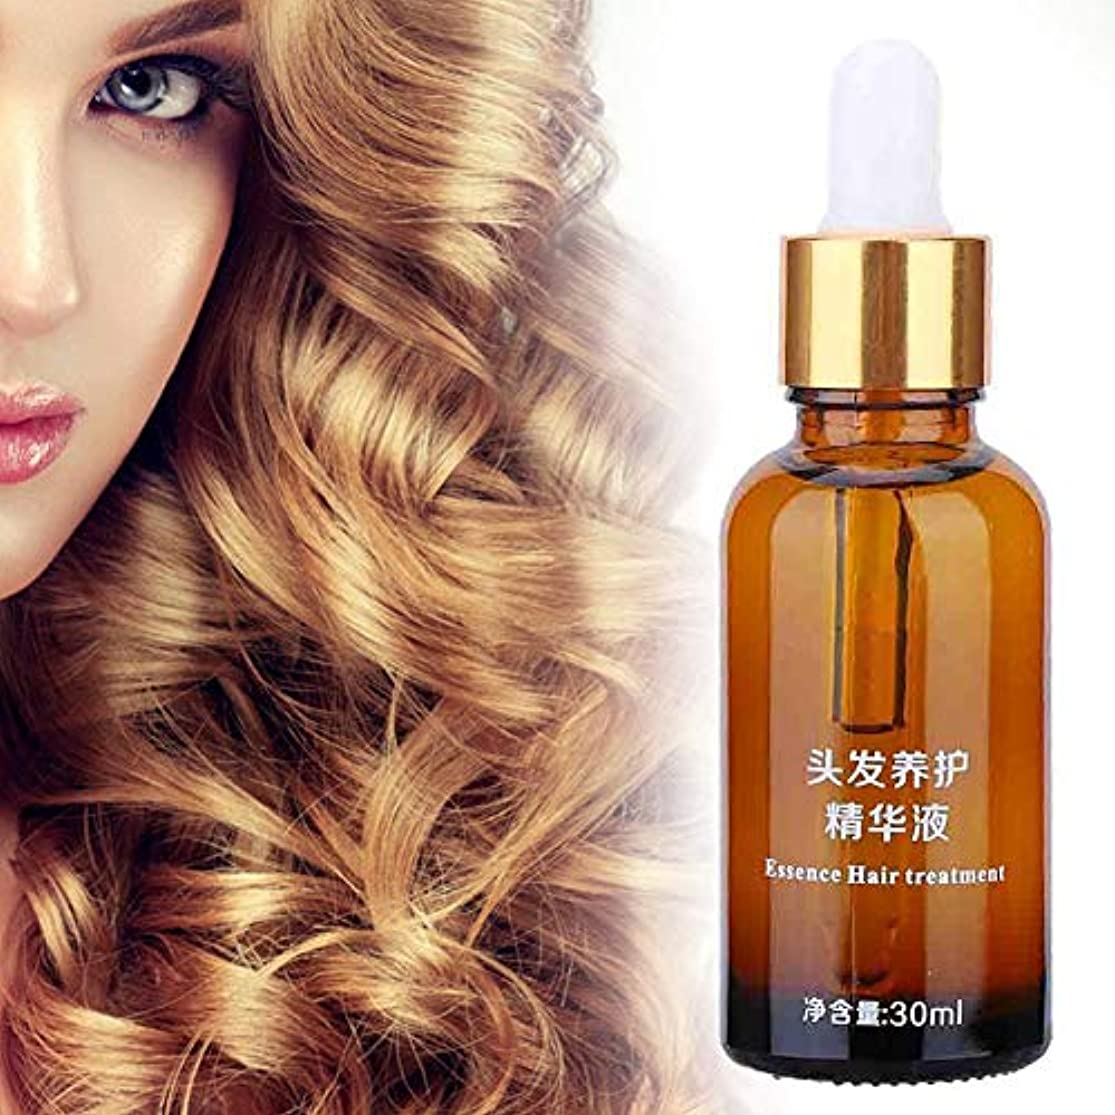 記念テンション絞るヘアエッセンシャルオイル、頭皮の養毛を強化する毛根の乾燥によるダメージを減らしますヘアリペアエッセンシャル液体30ミリリットル